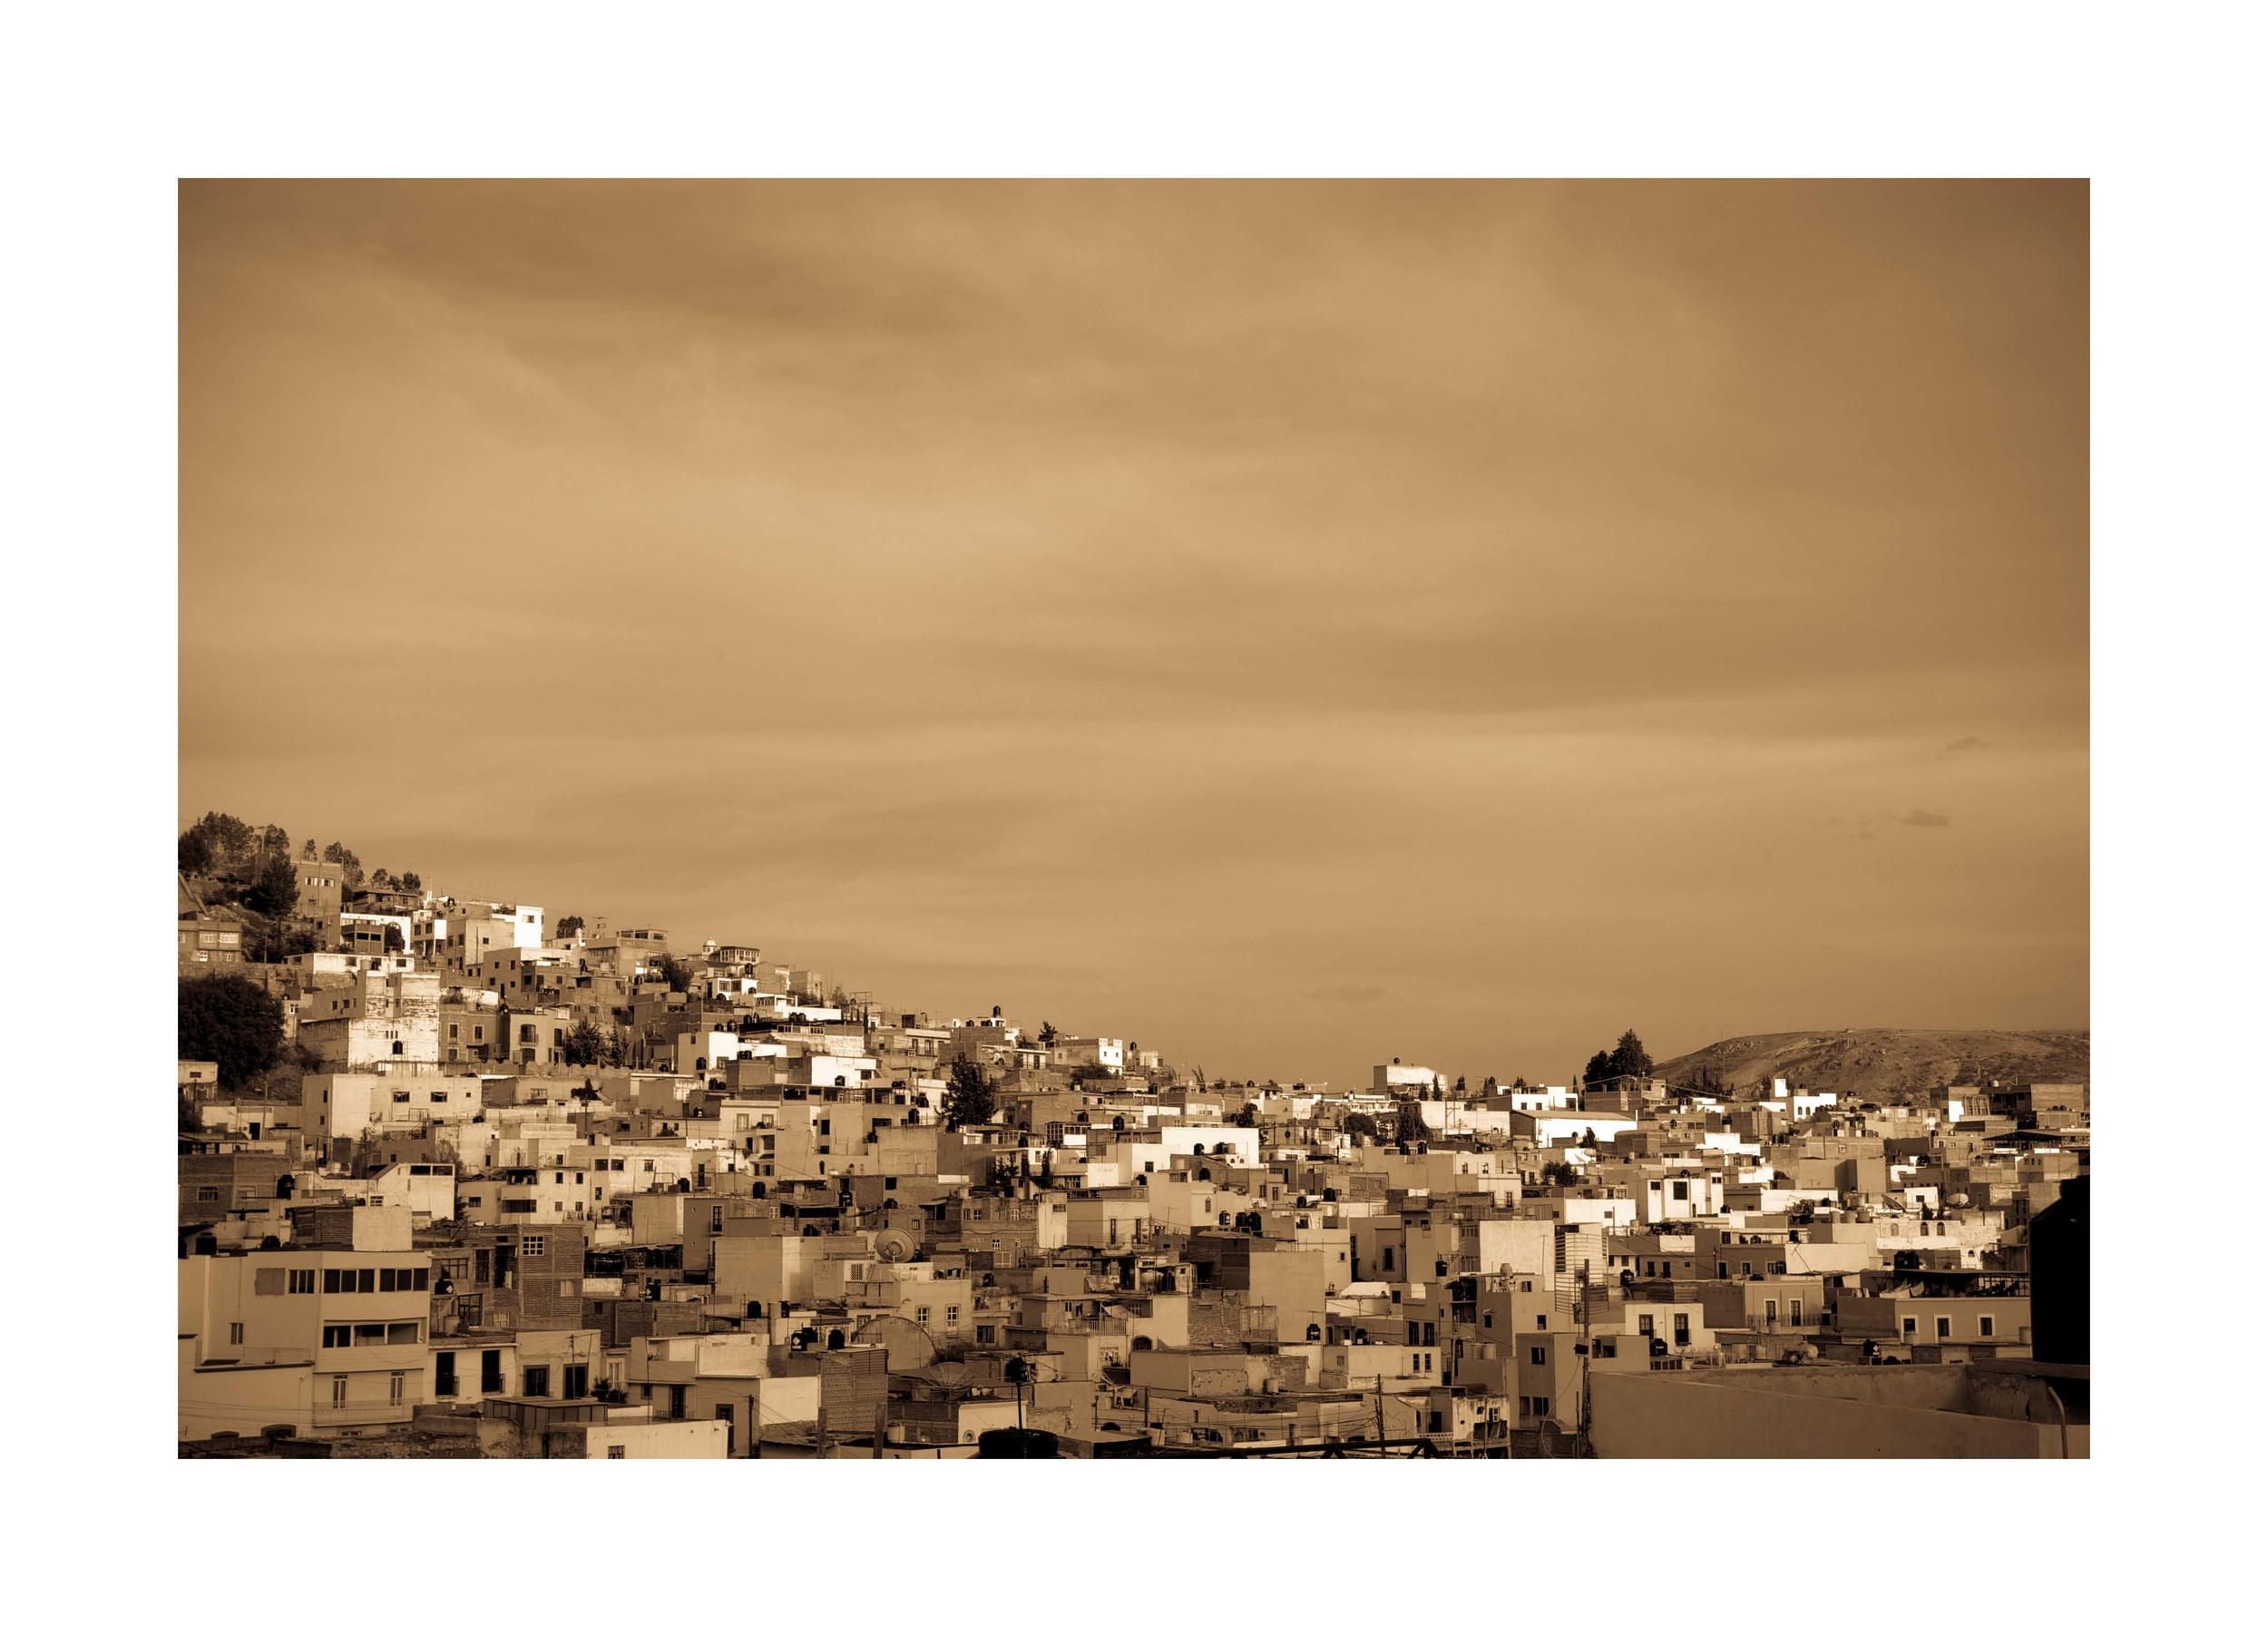 Zacatecas_1.jpg